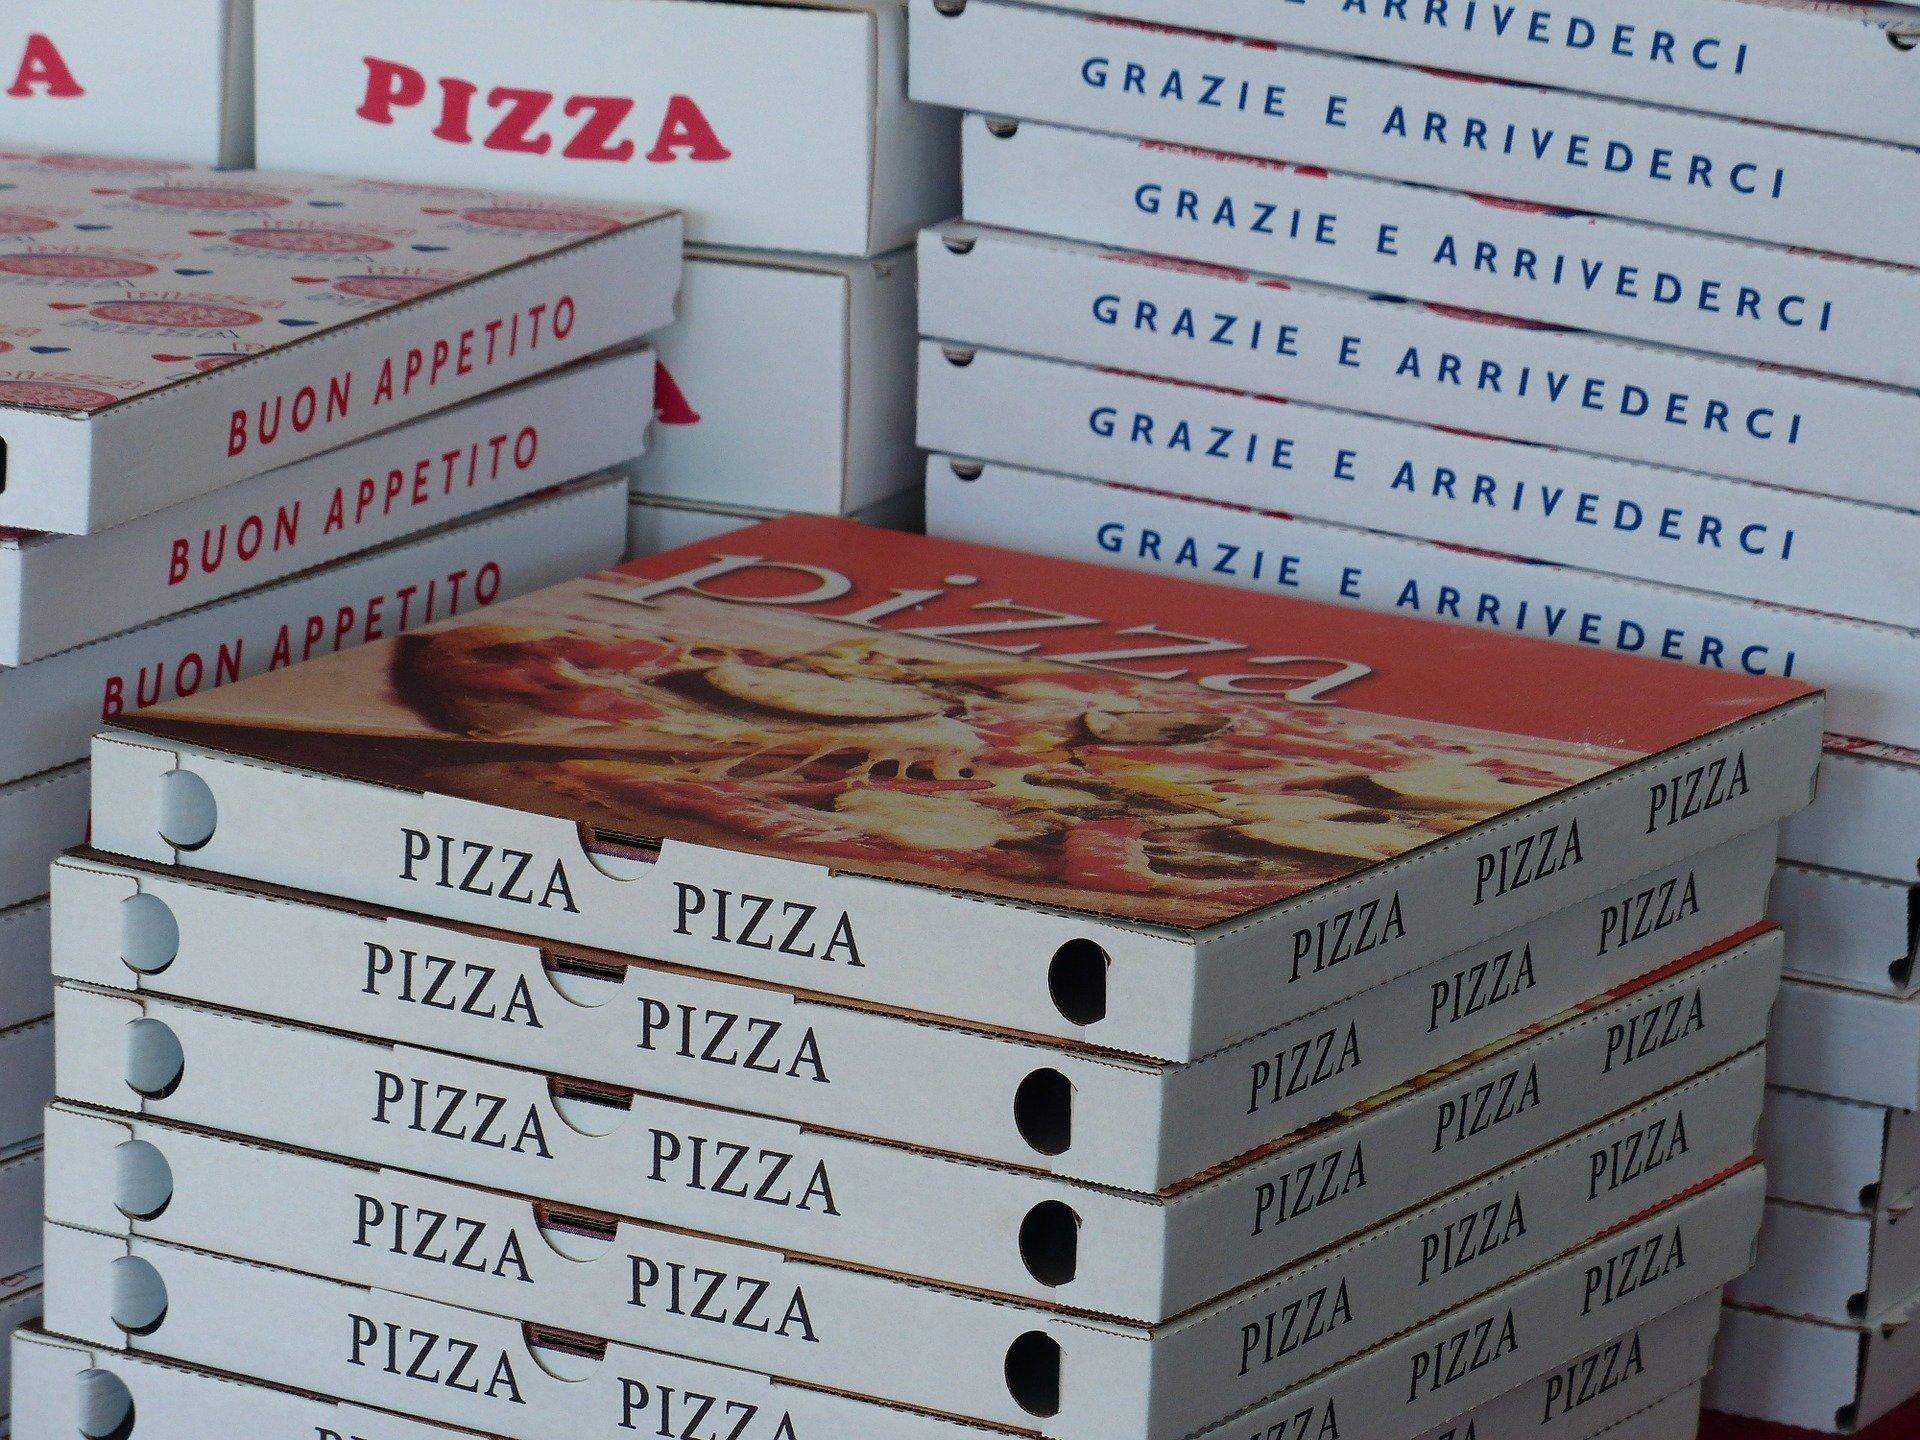 cartoni pizza cibo asporto